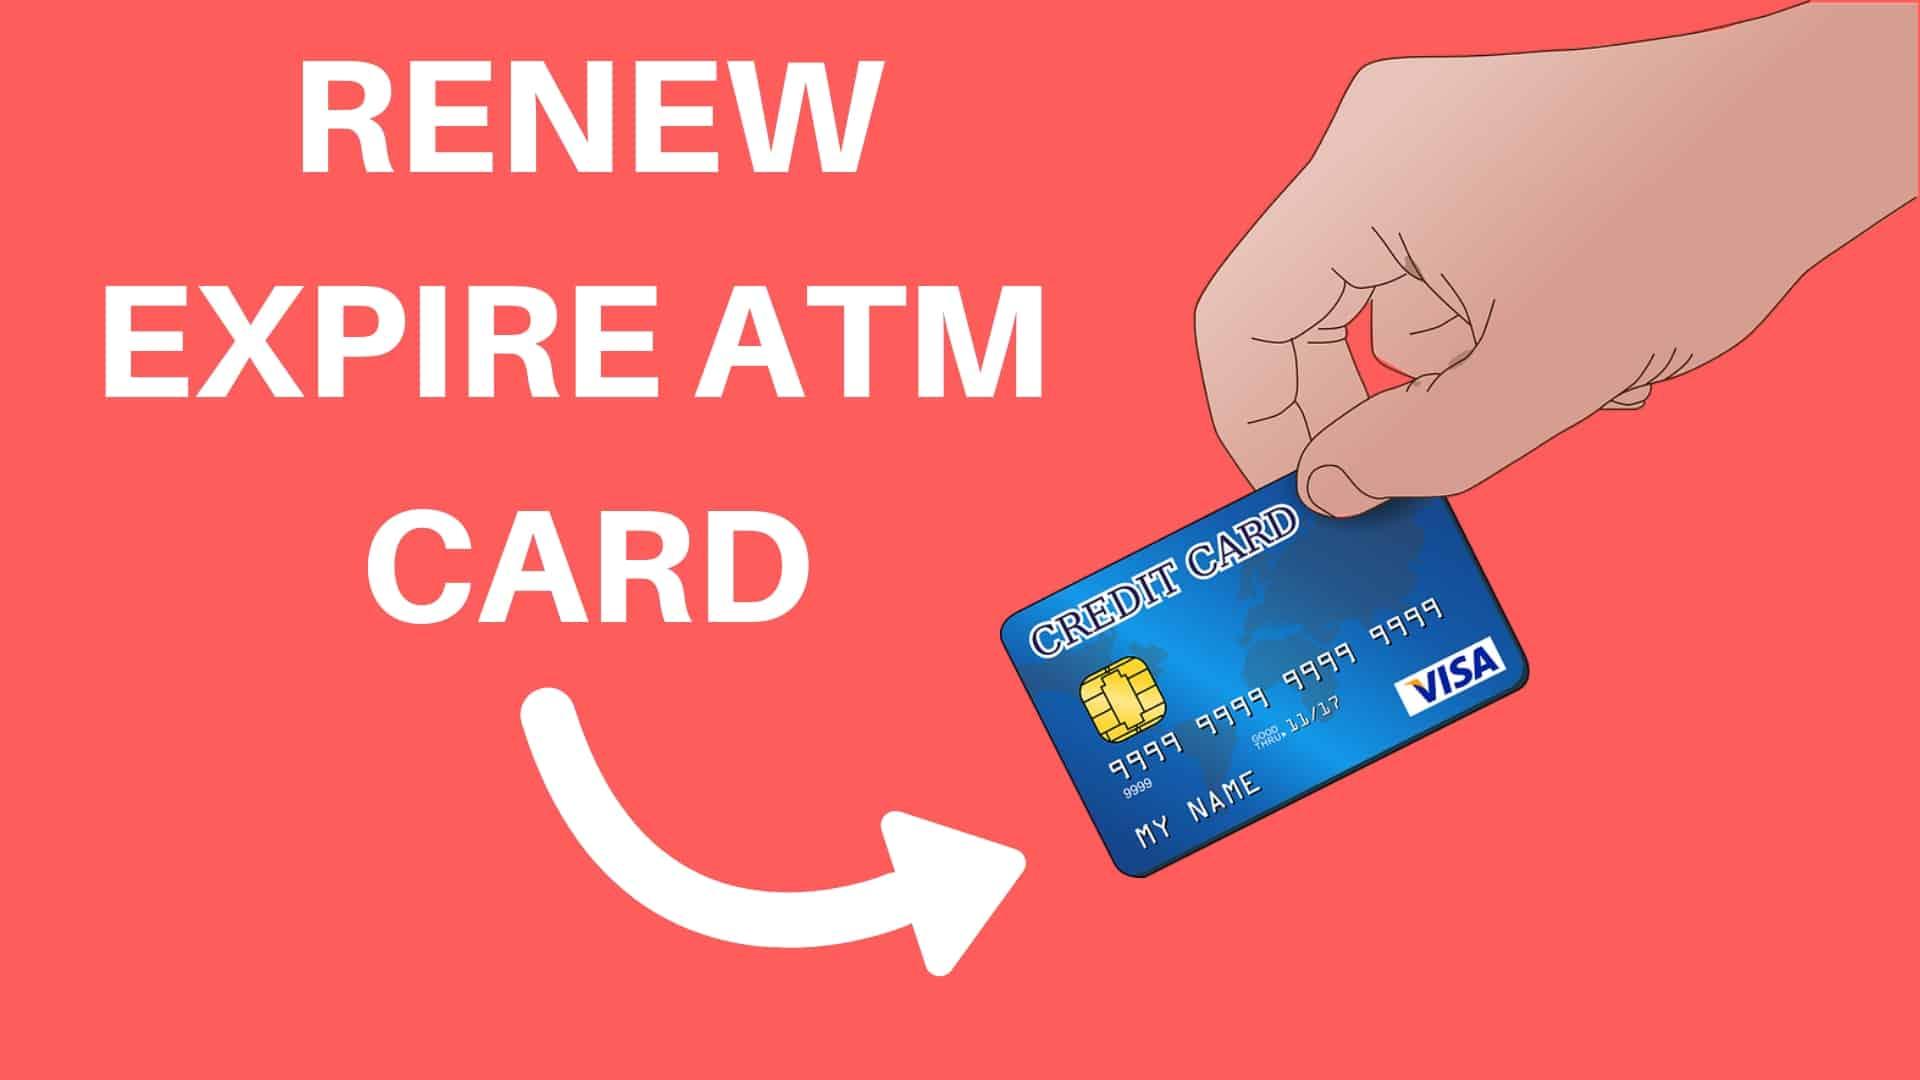 RENEW EXPIRE ATM CARD